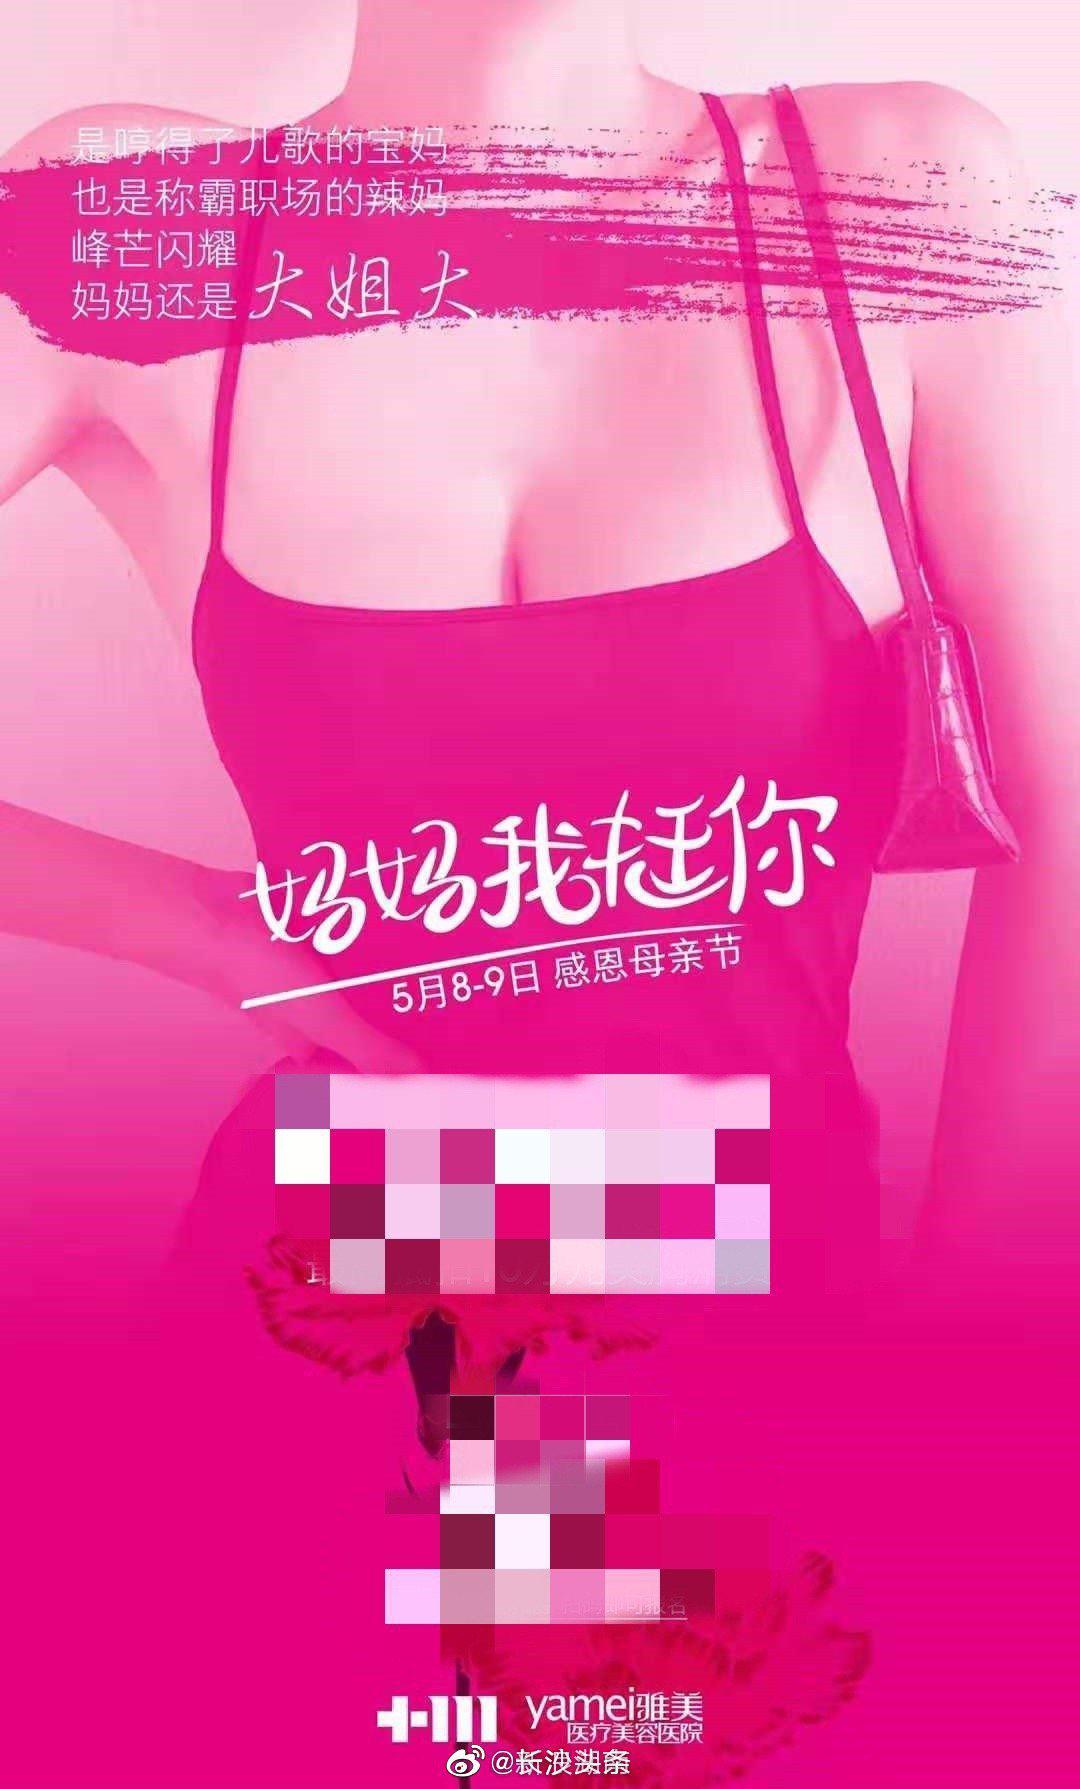 美容医院广告被指侮辱女性,长沙市监局:正在核实